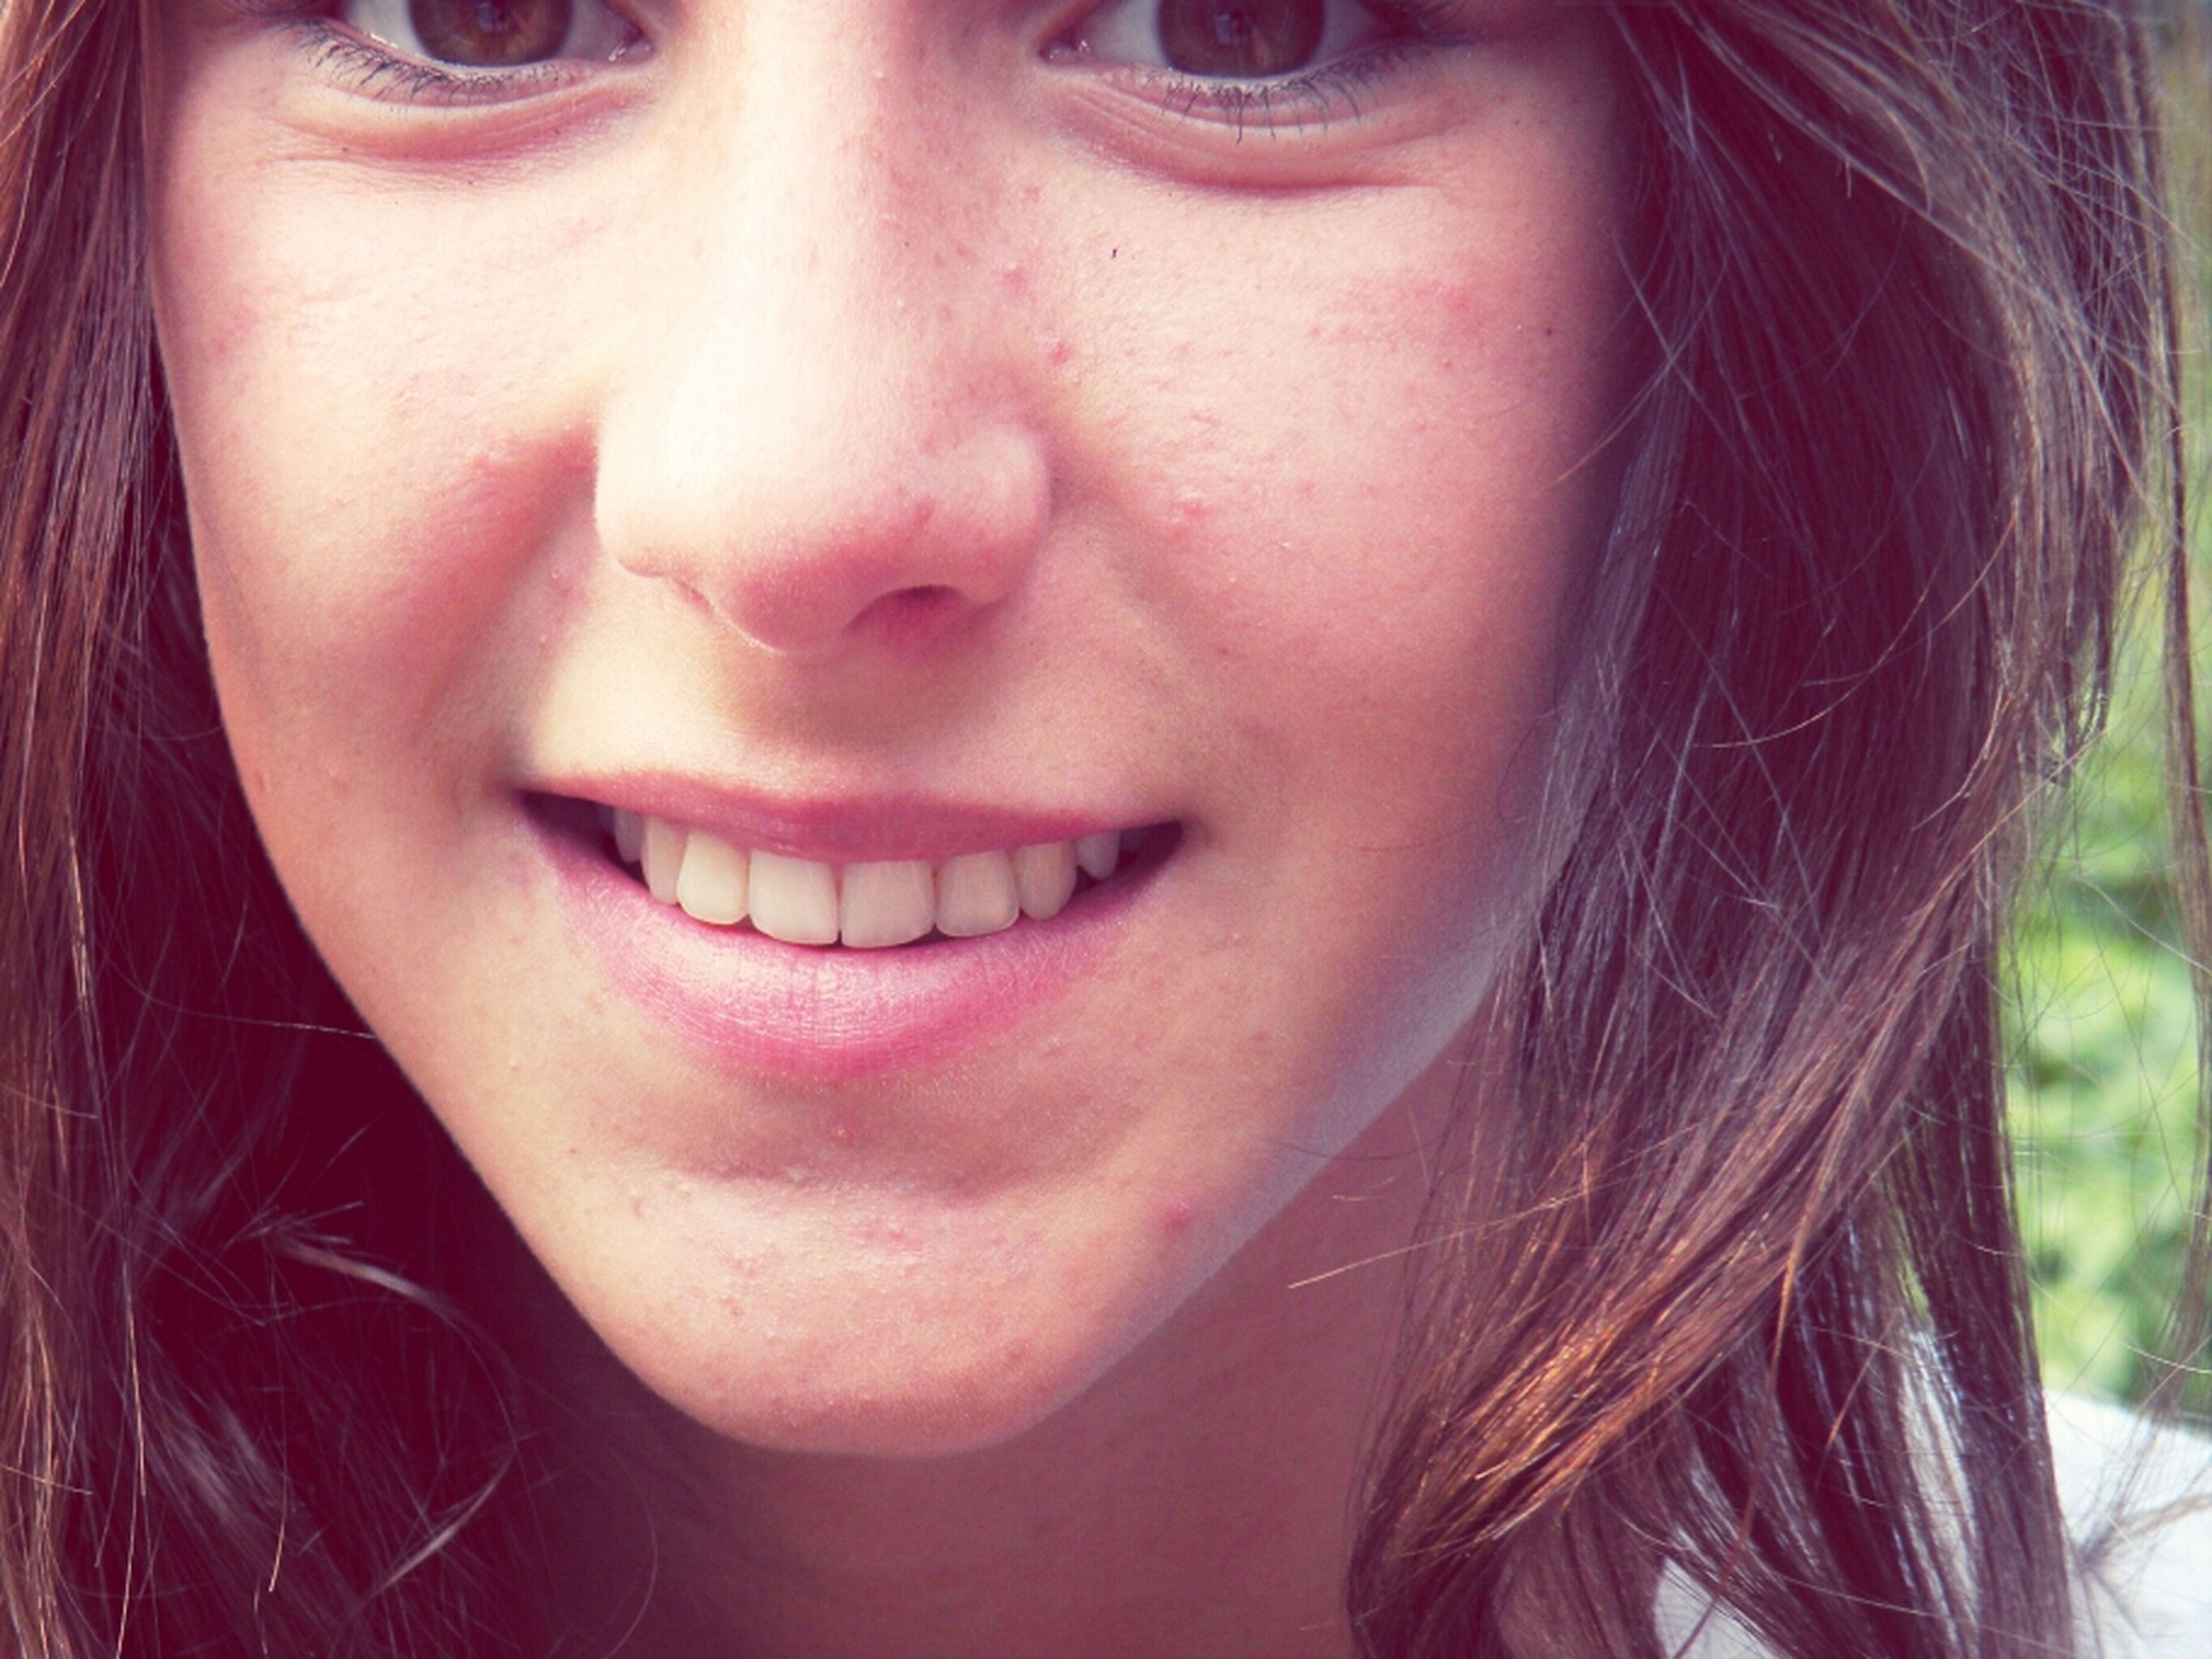 Rien n'est plus beau qu'un sourir.